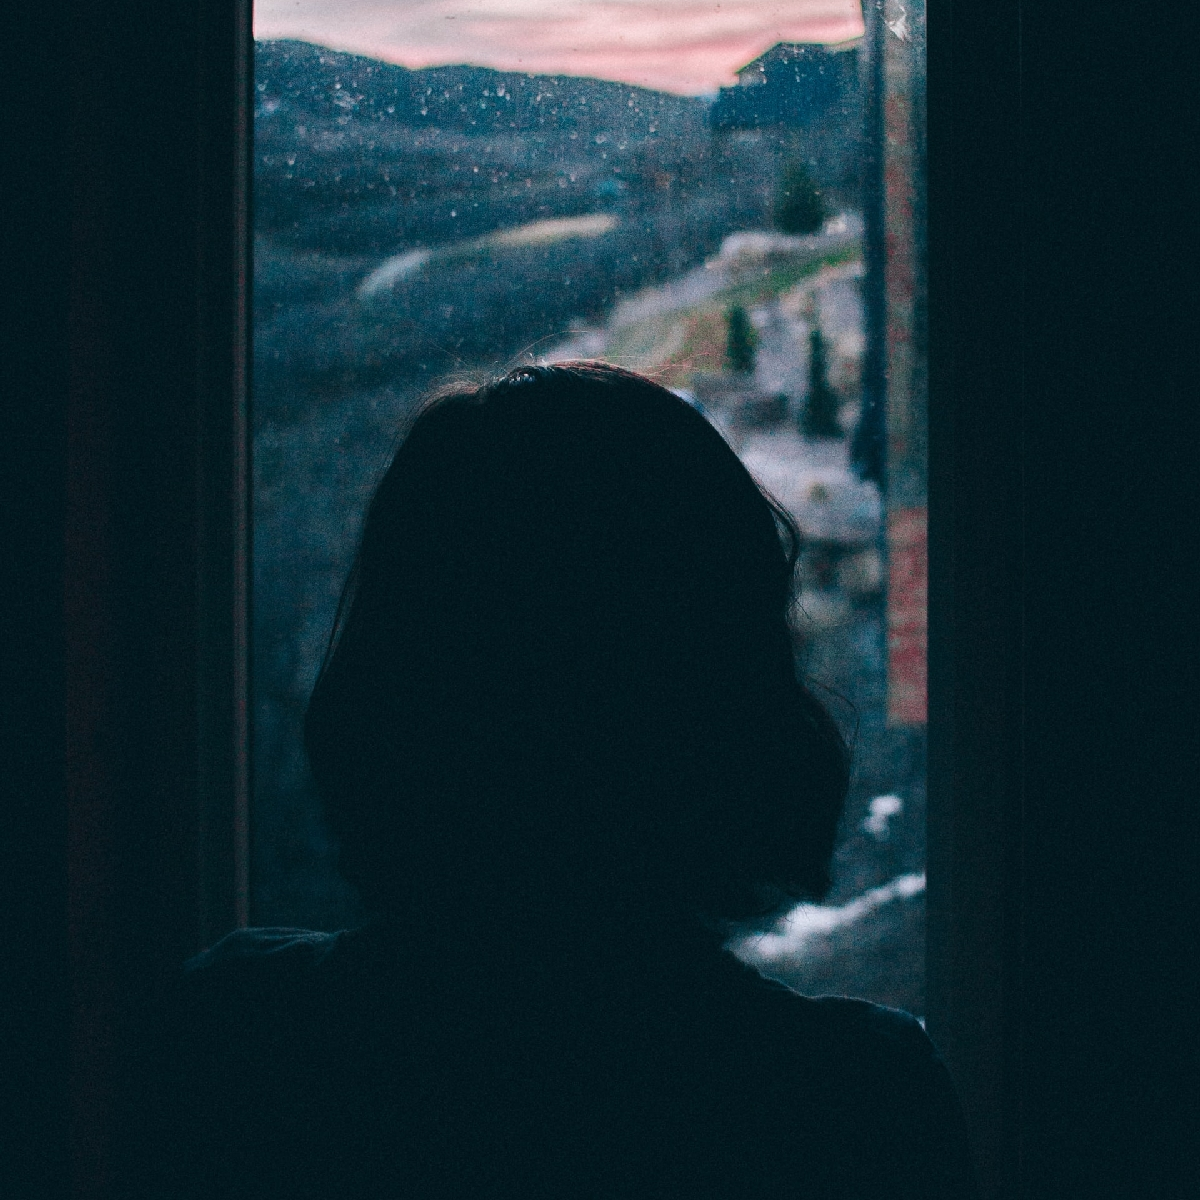 تصاویر نگارخانه متن نگار , تنهایی, غمگین